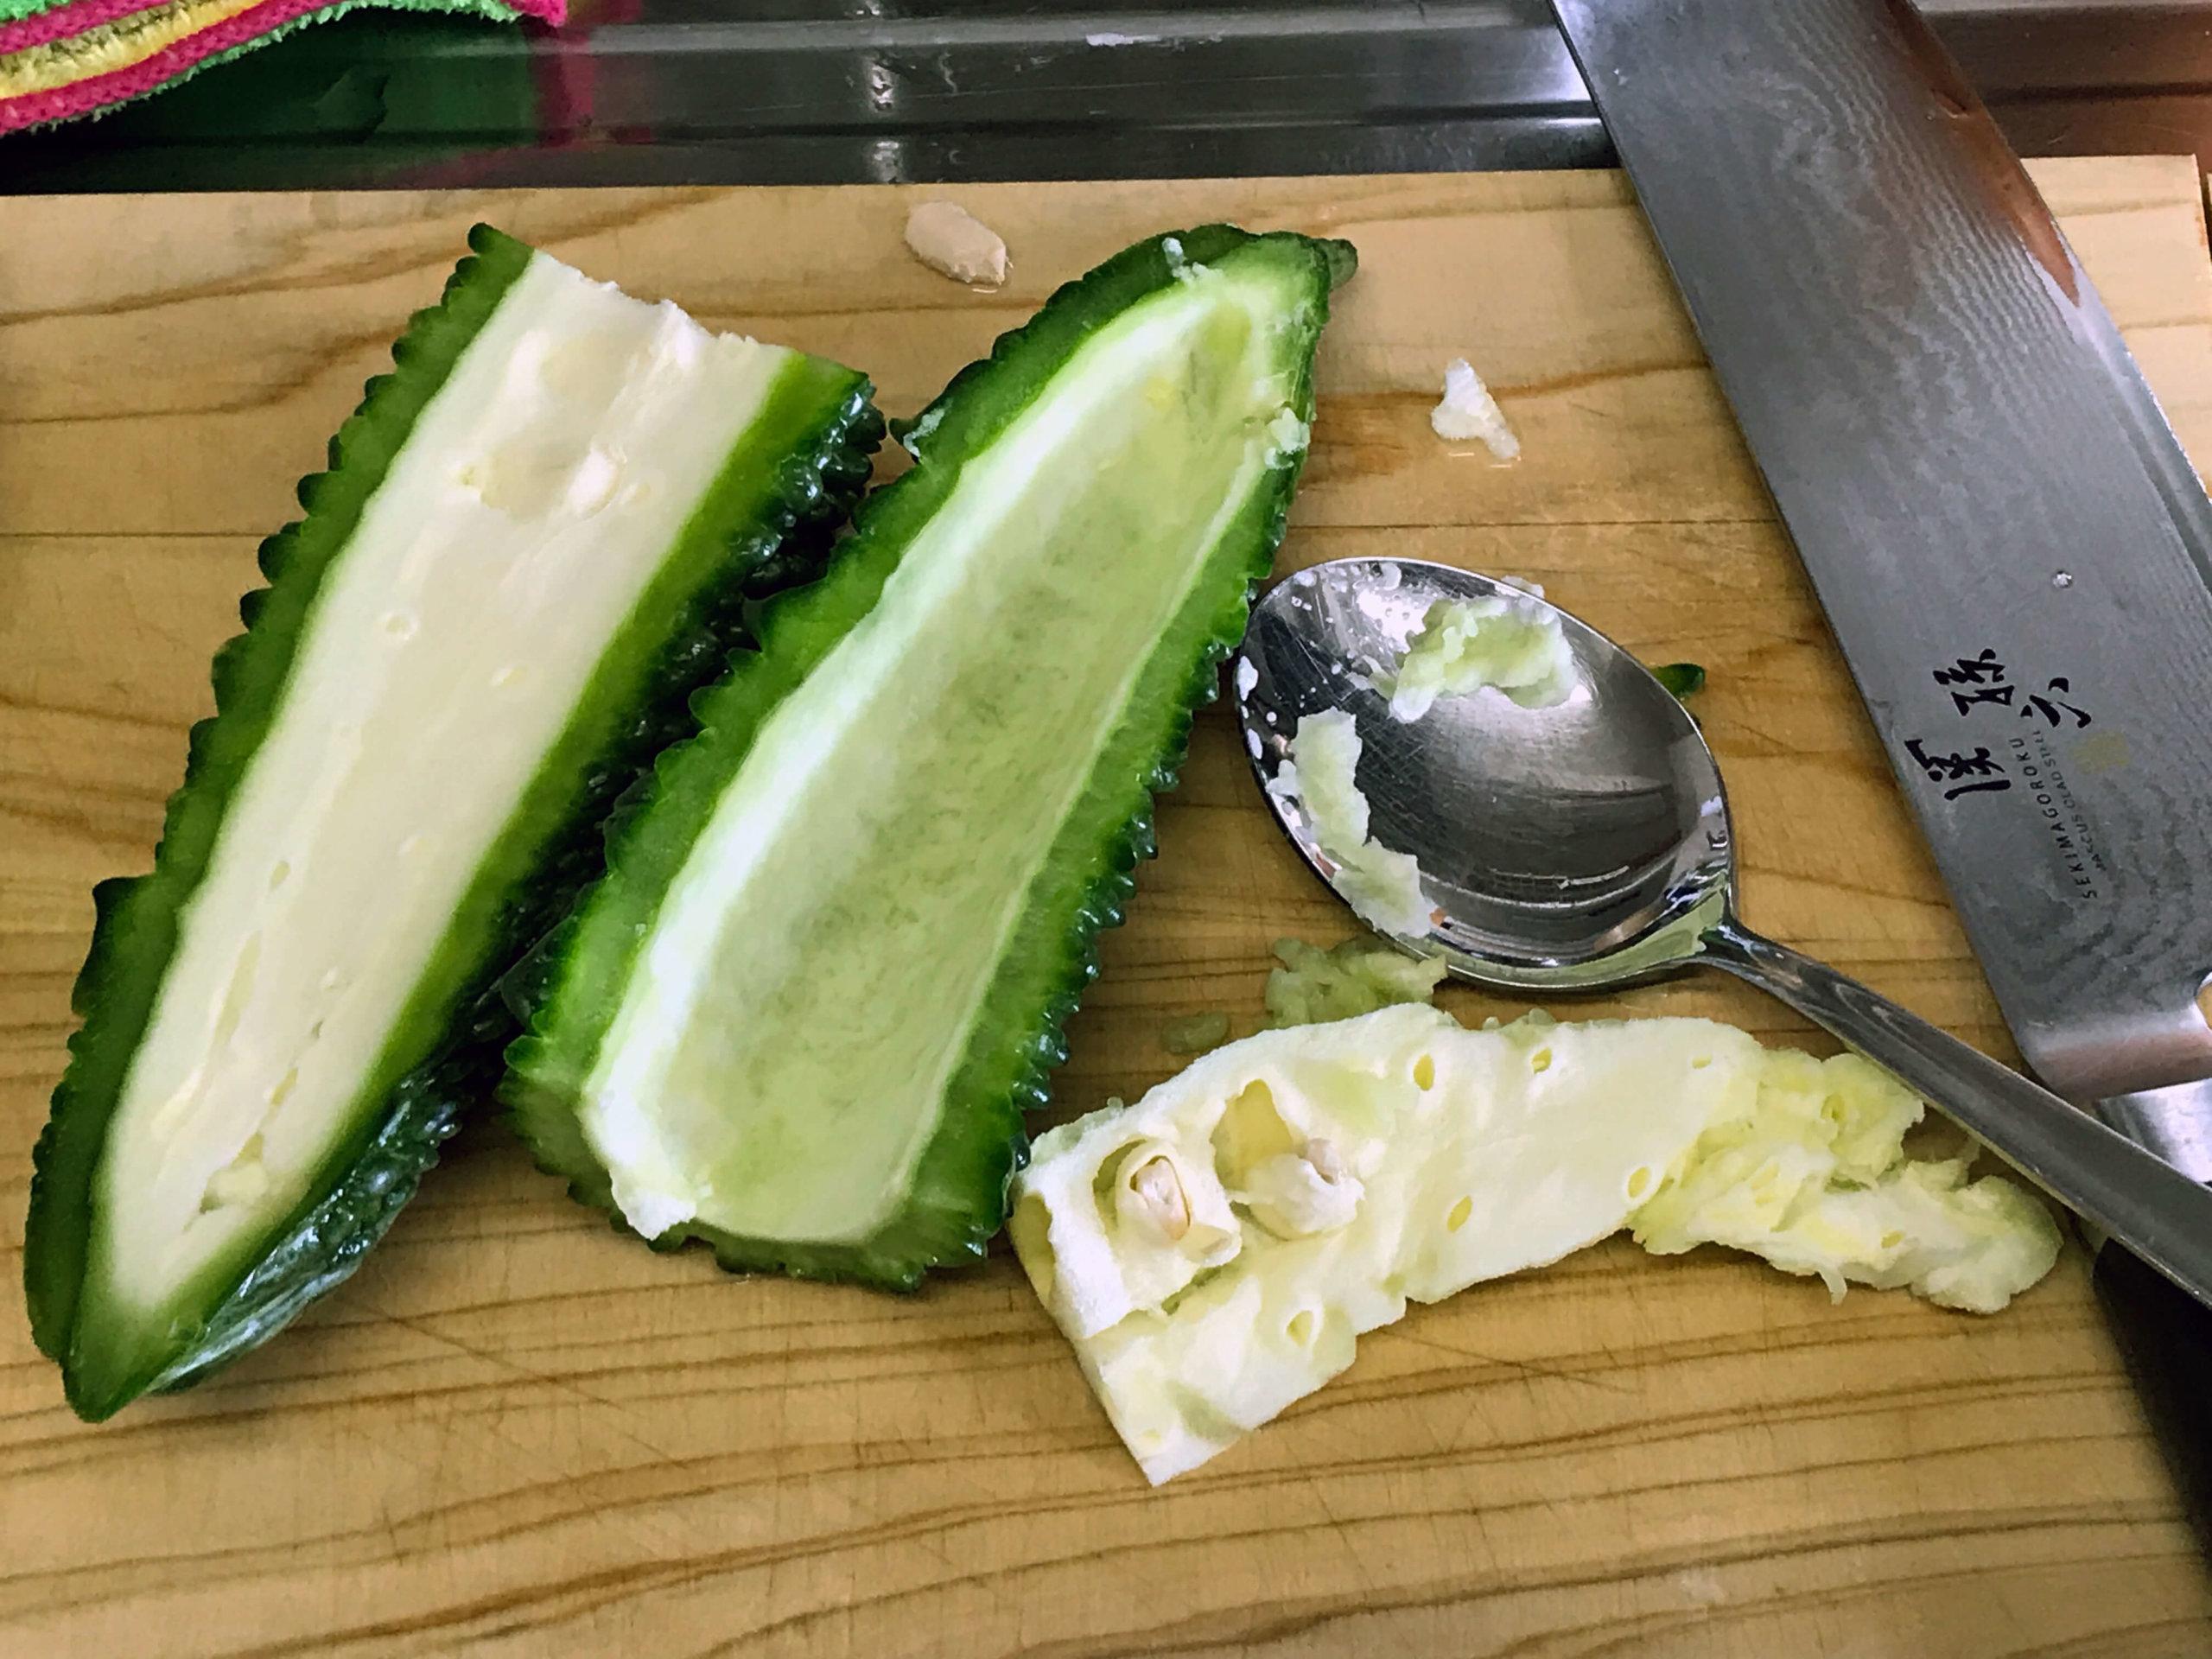 2.ゴーヤーは縦に割り、ワタをスプーンで取り除く。